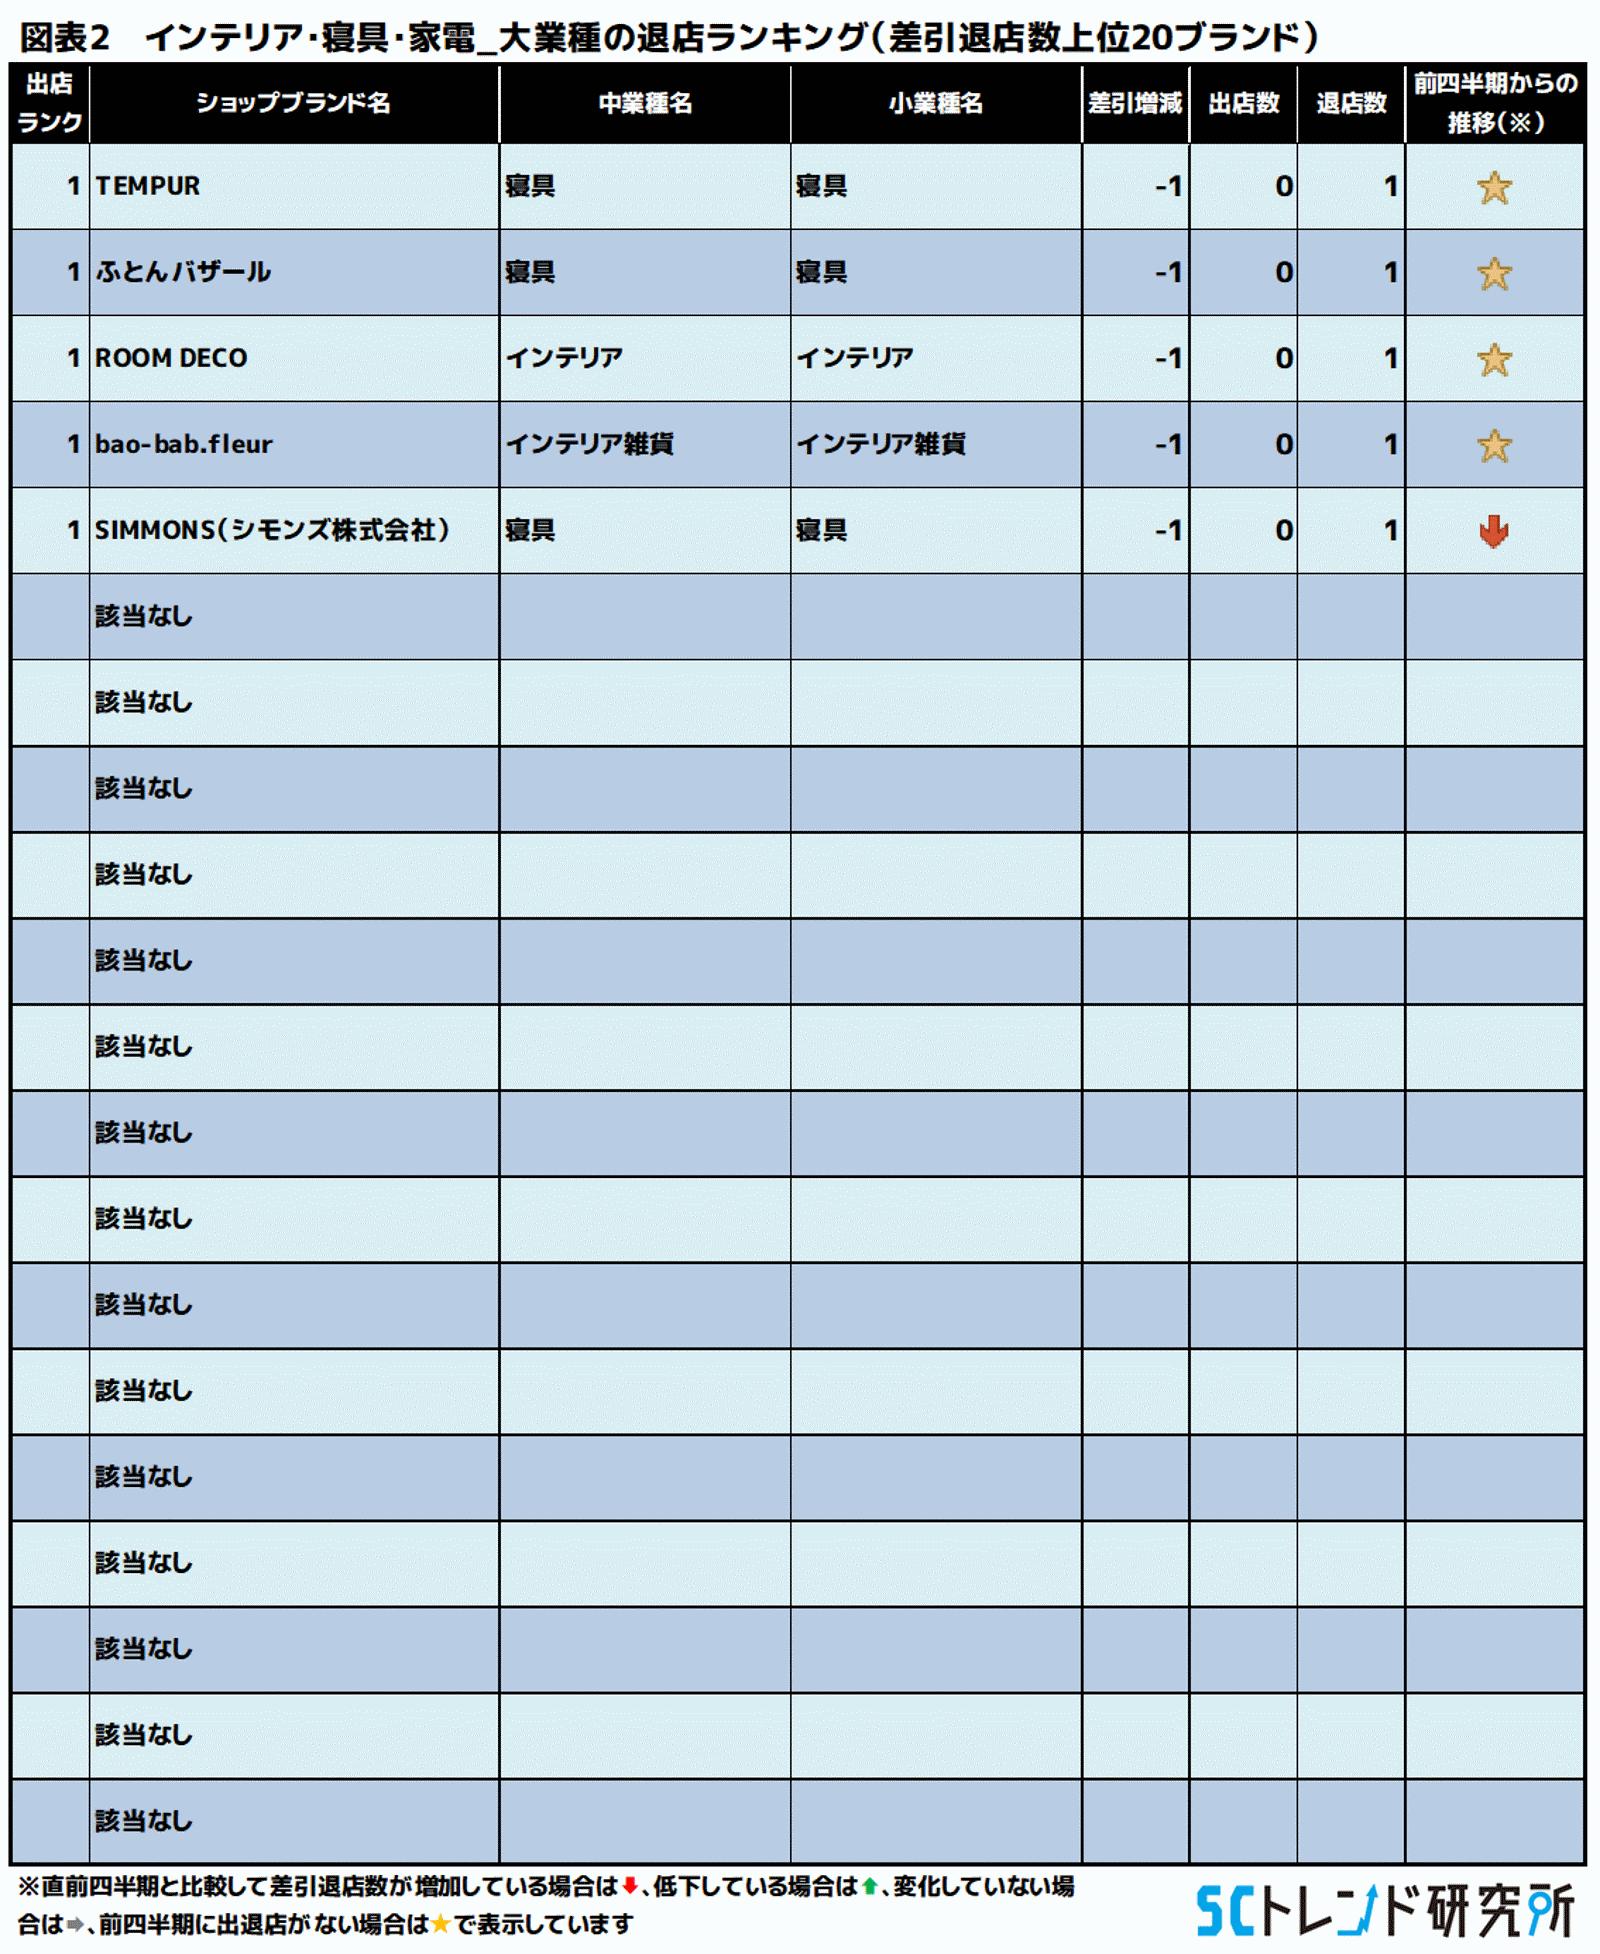 図表2 インテリア・寝具・家電_大業種の退店ランキング(差引退店数上位20ブランド)